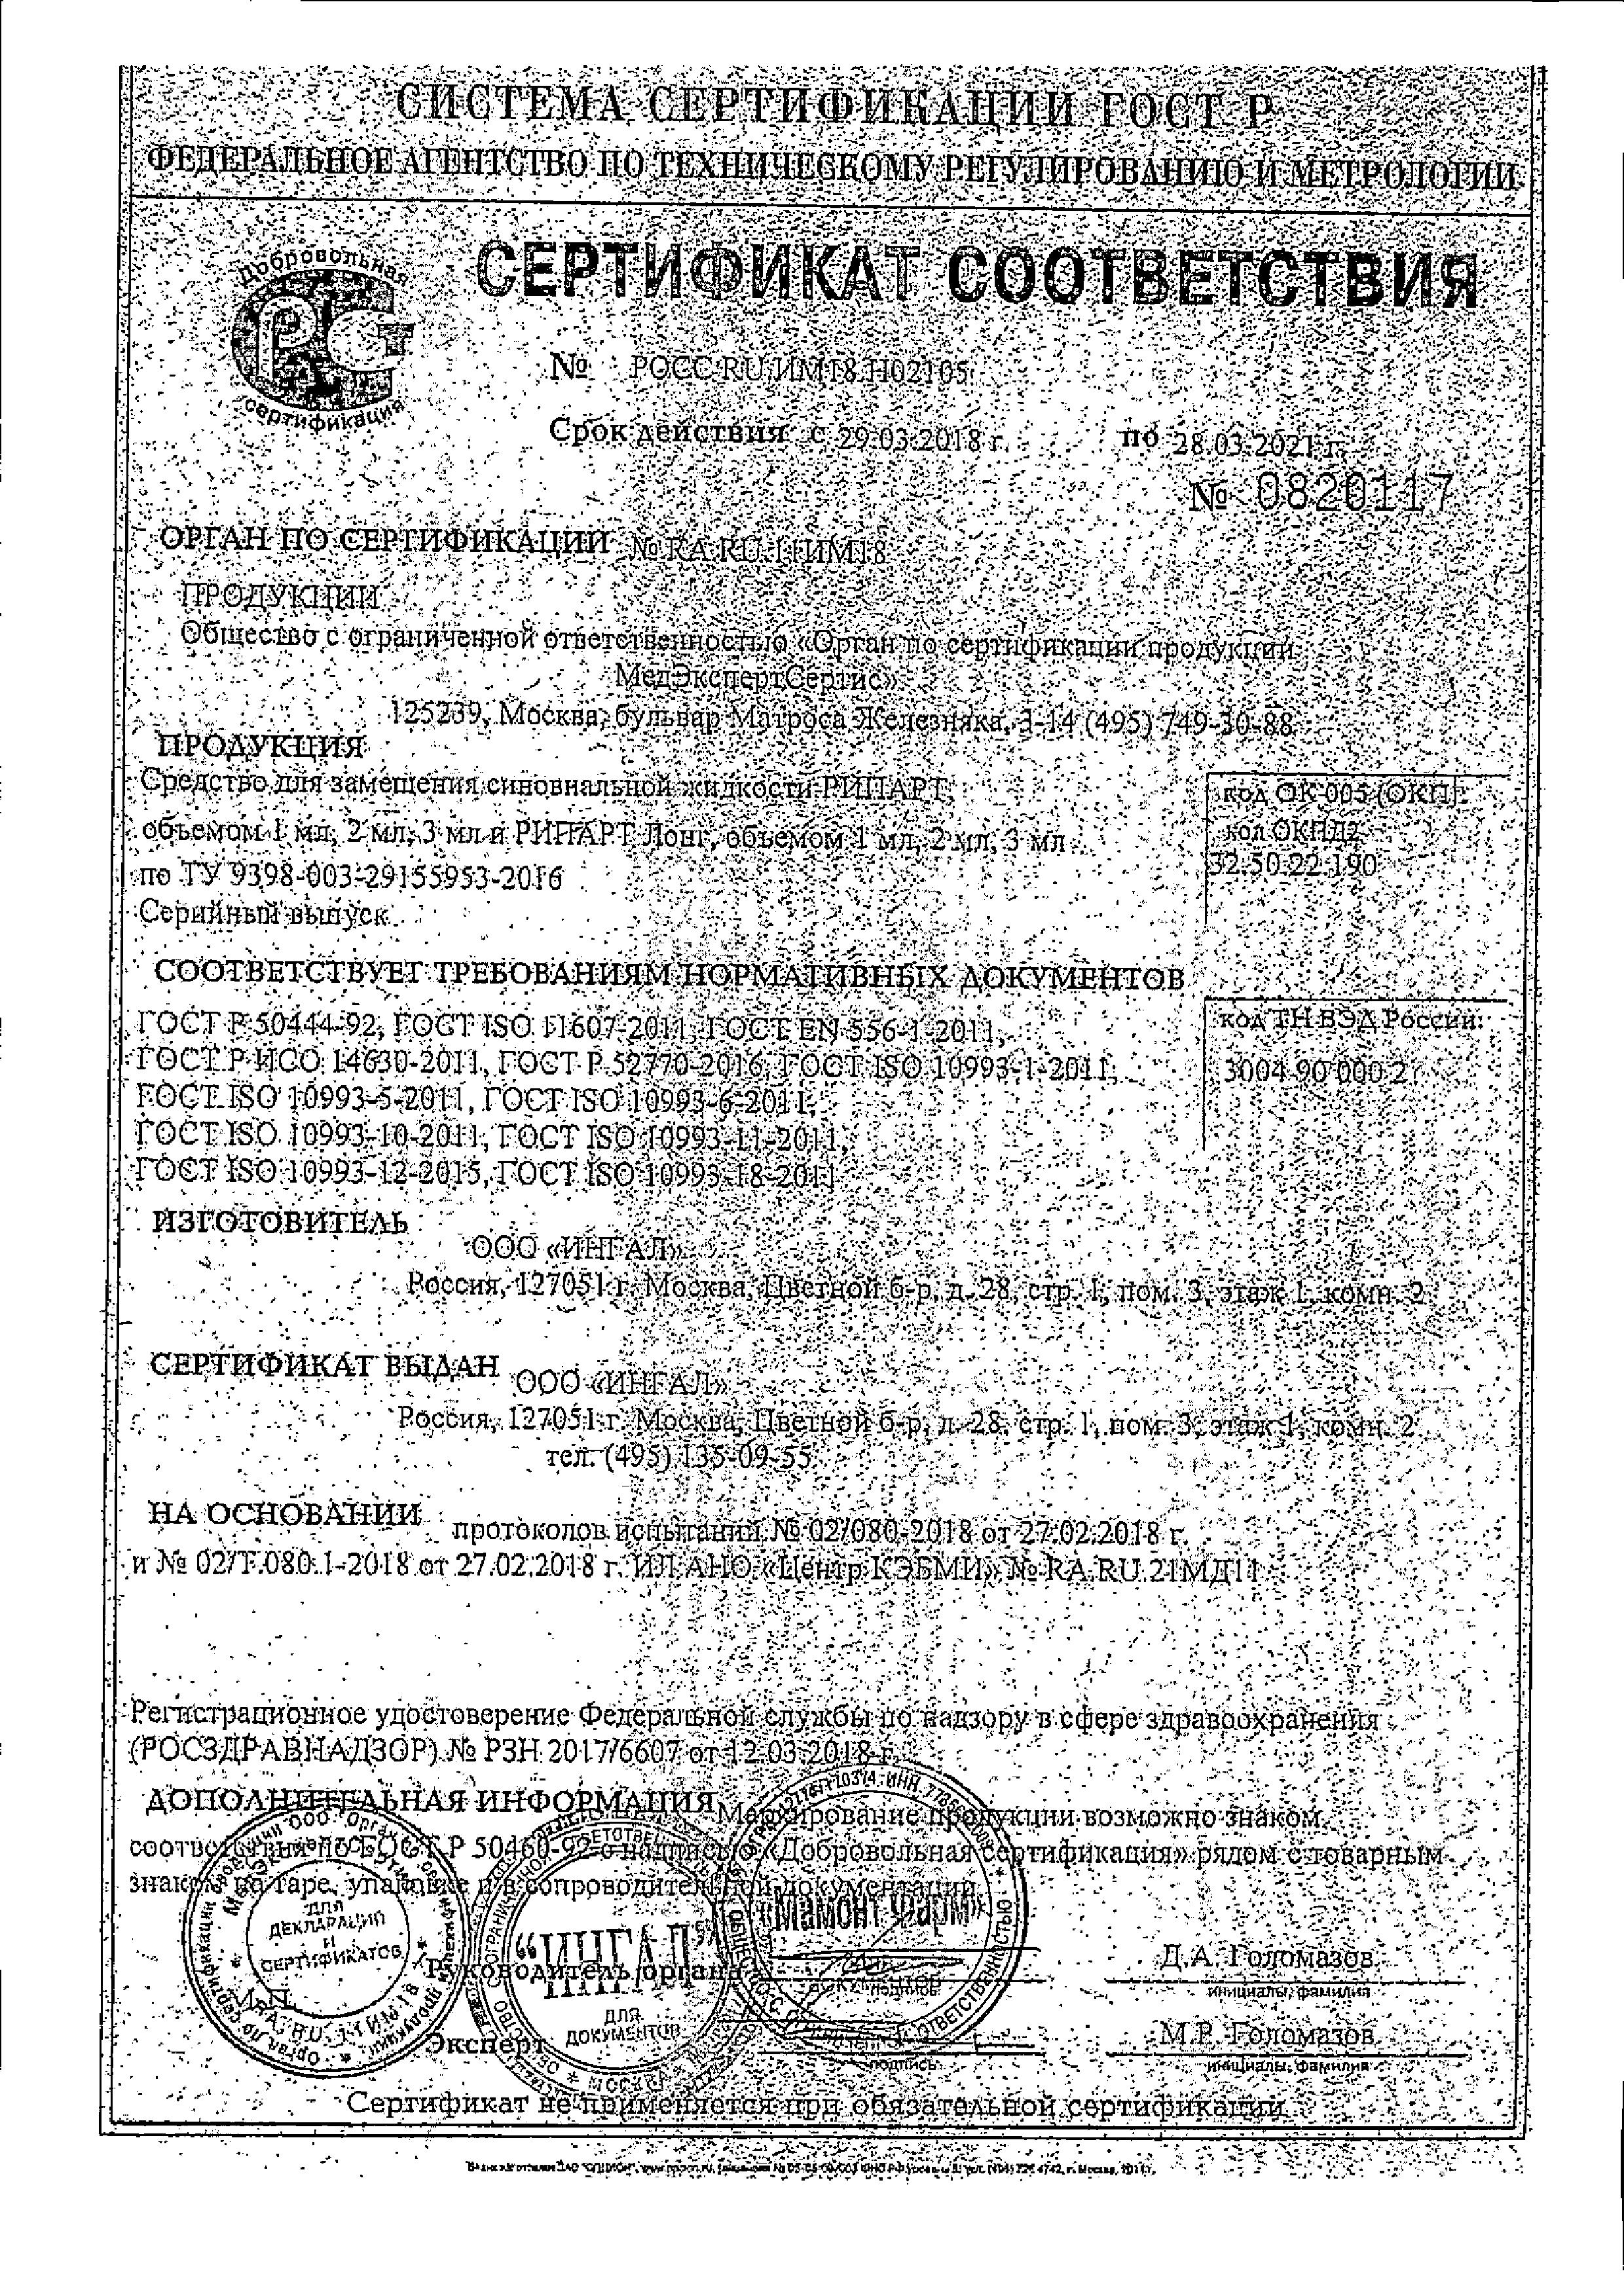 Рипарт Лонг сертификат